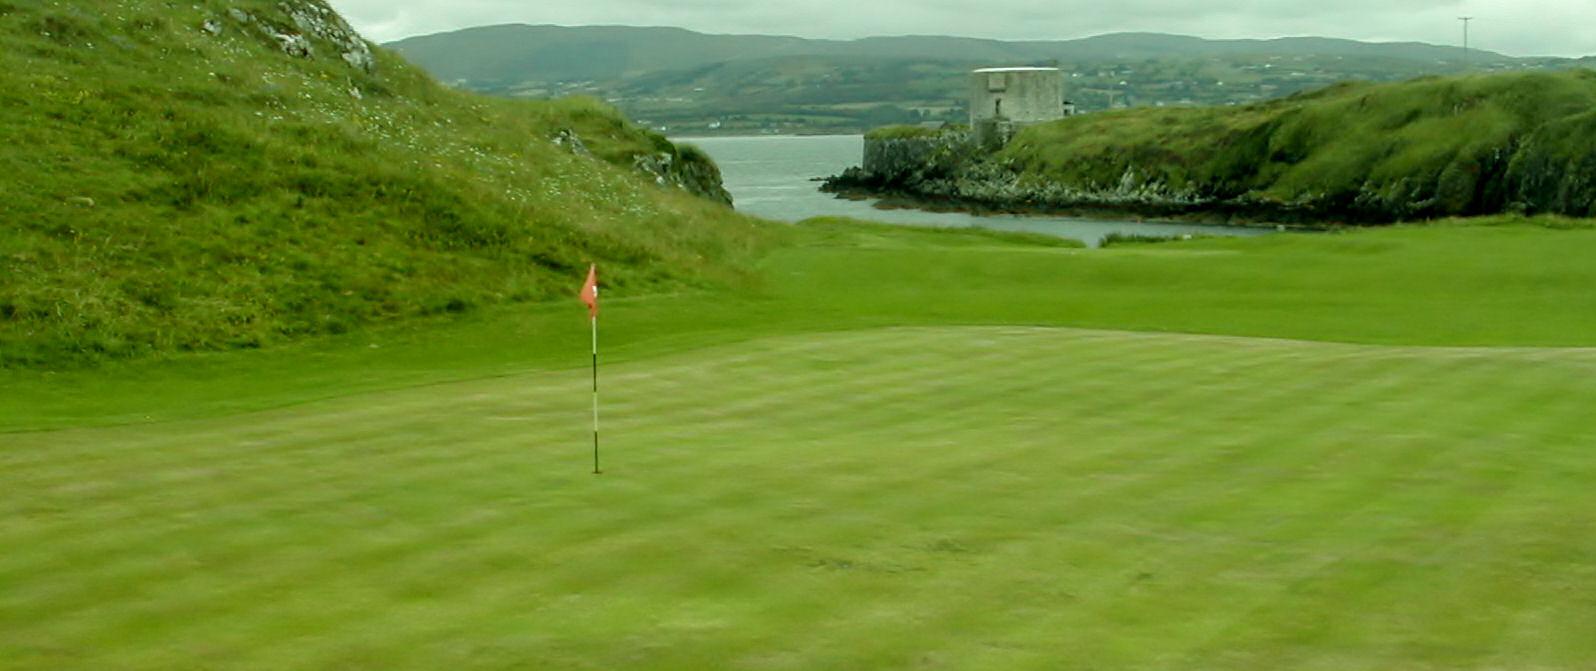 Otway Golf Club